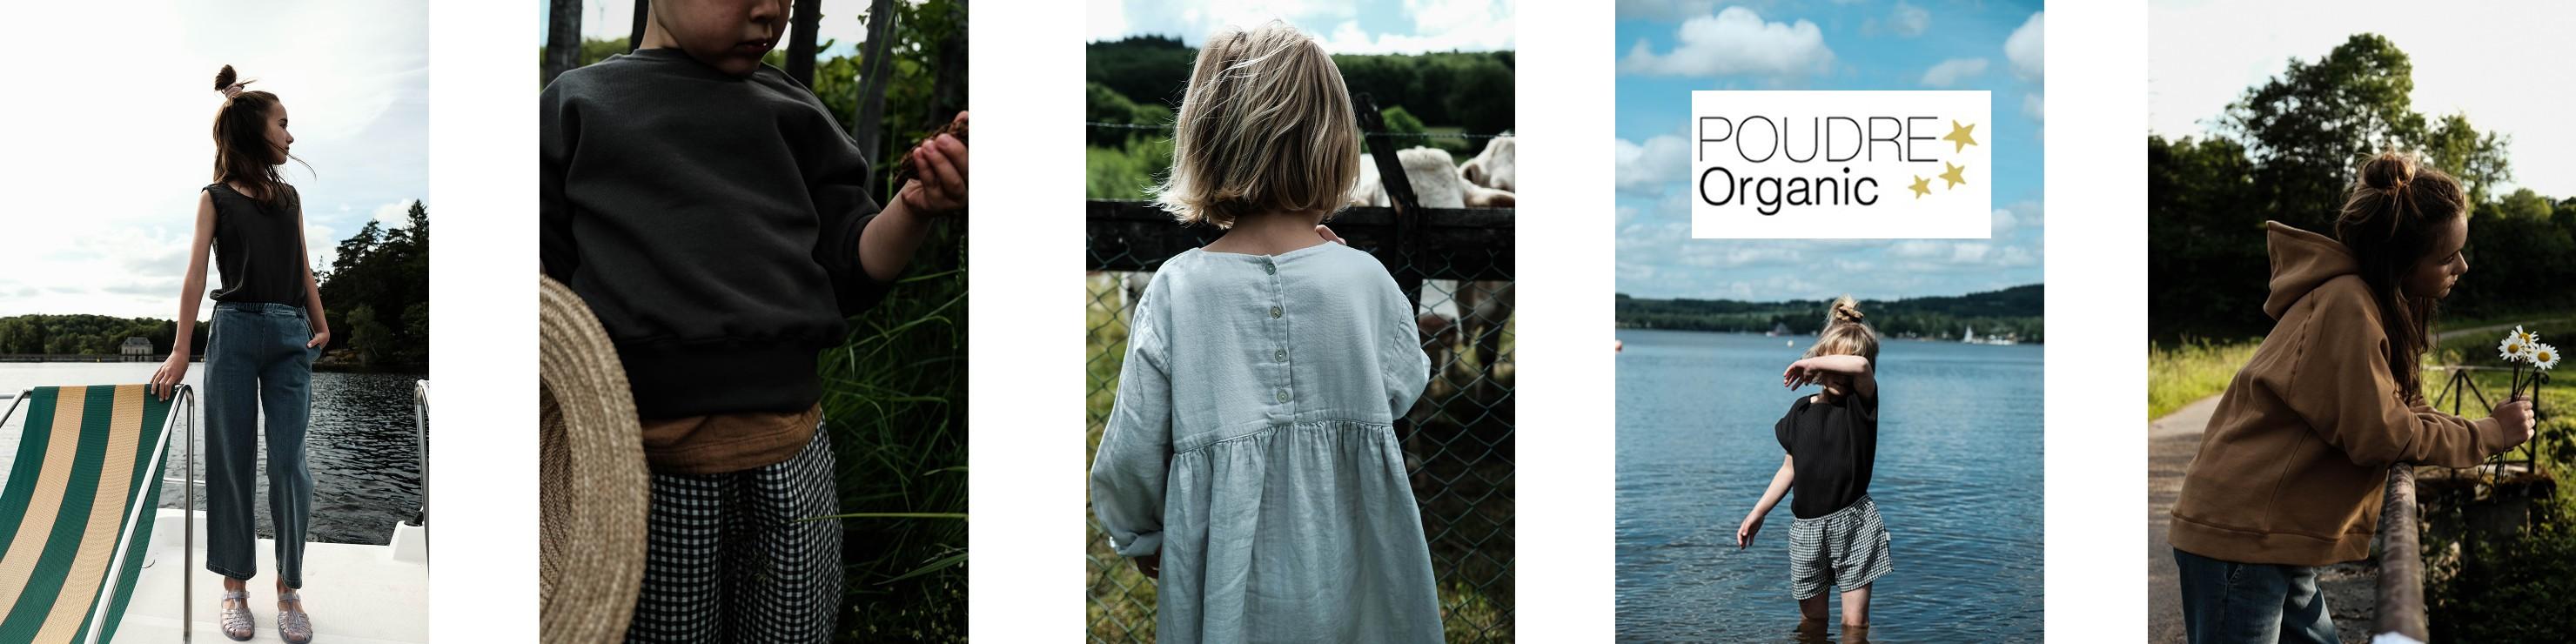 Poudre Organic : des vêtements en coton bio fabriqués au Portugal